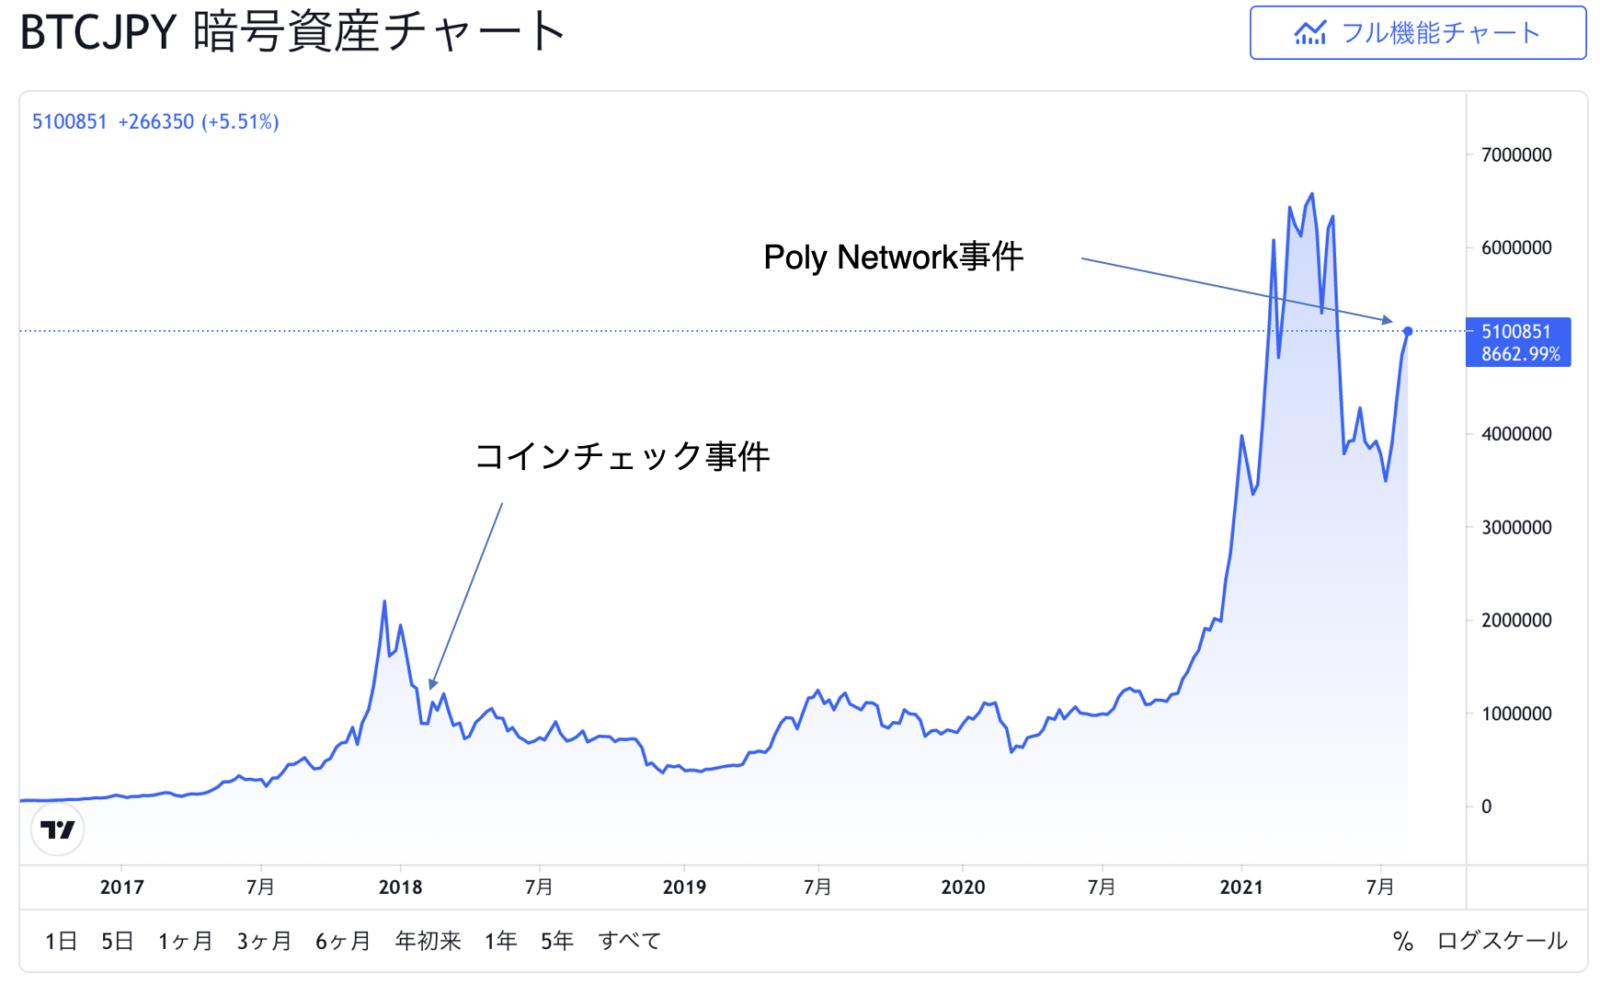 660億円流失させたPoly Network事件が仮想通貨市場を暴落させなかった4つの理由。